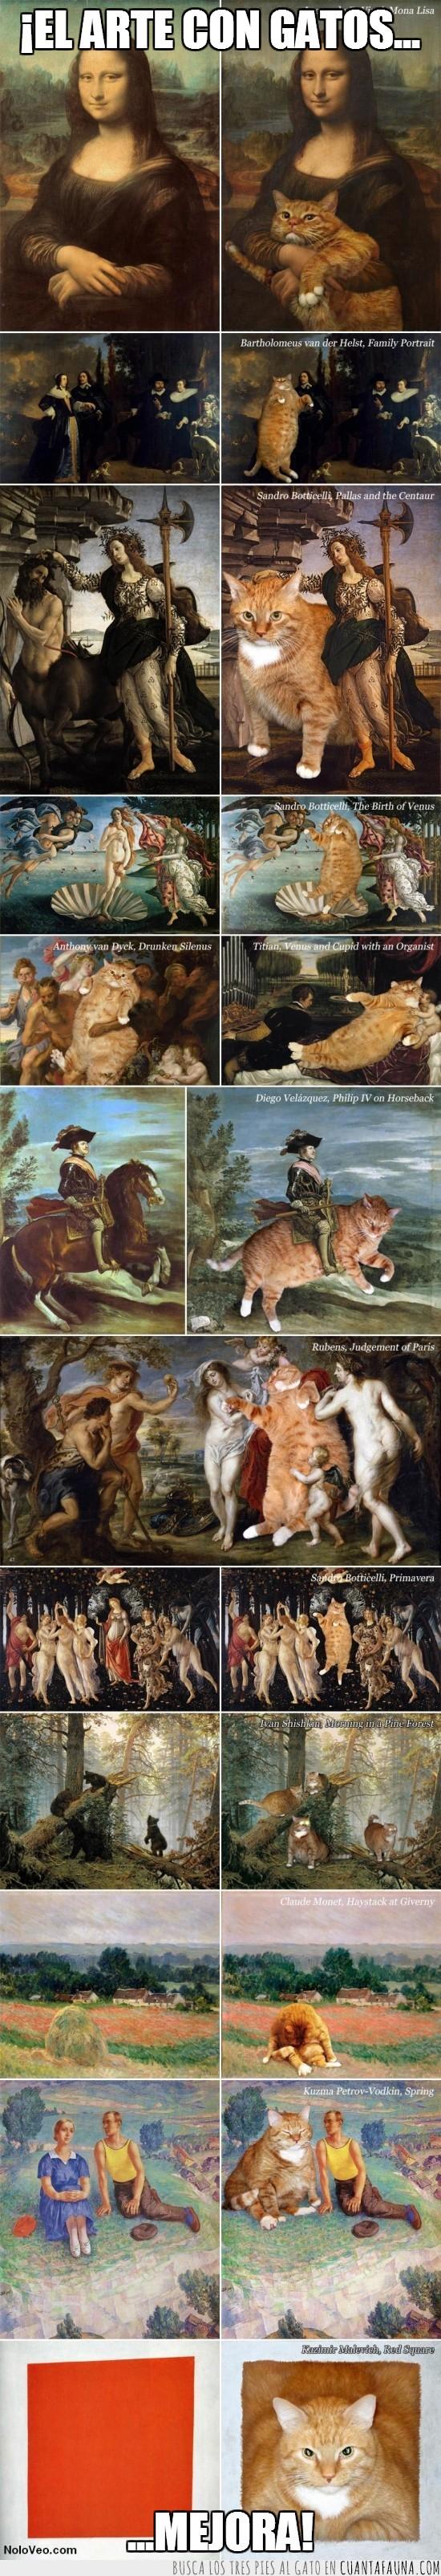 arte,con gatos,cuadros,mejora,pinturas